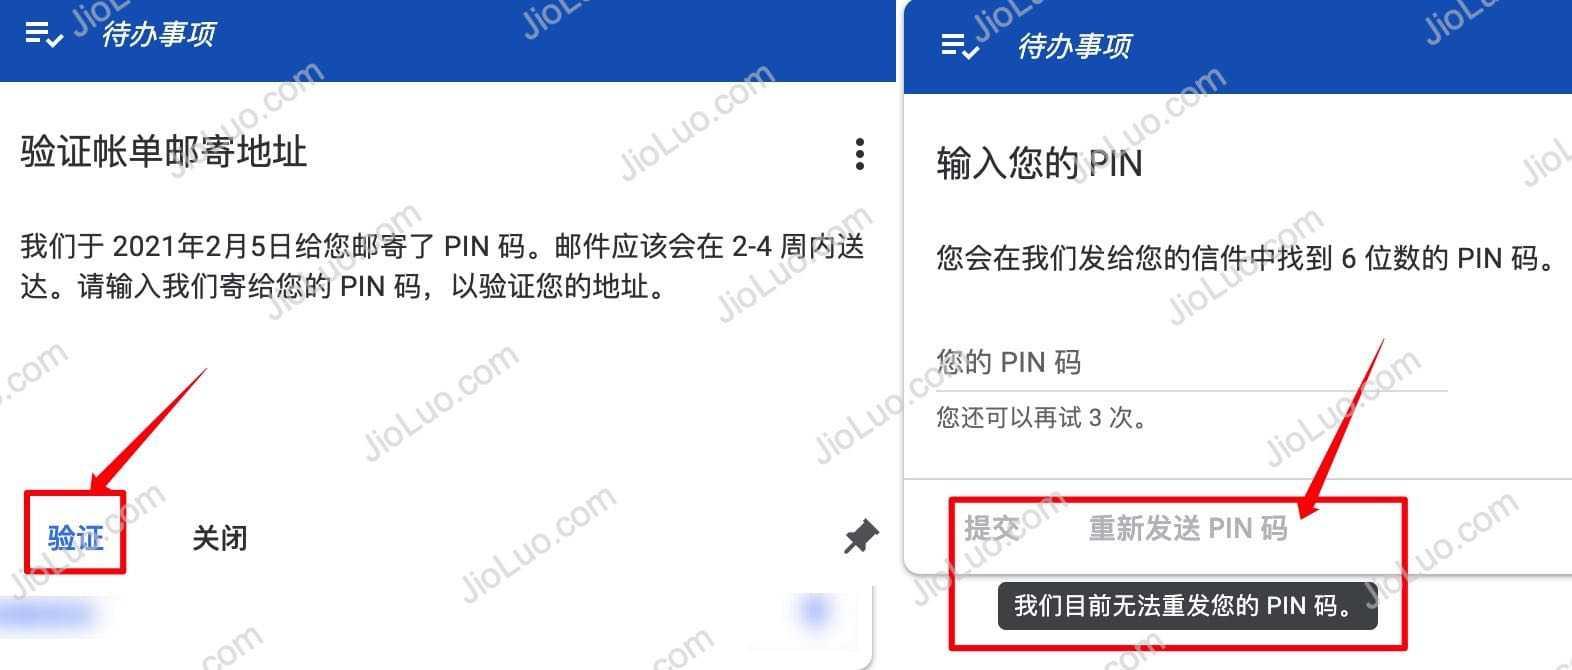 在线申请 Google AdSense 个人识别码(PIN)在线提交的网址与过程(无法接收邮政平邮)插图1